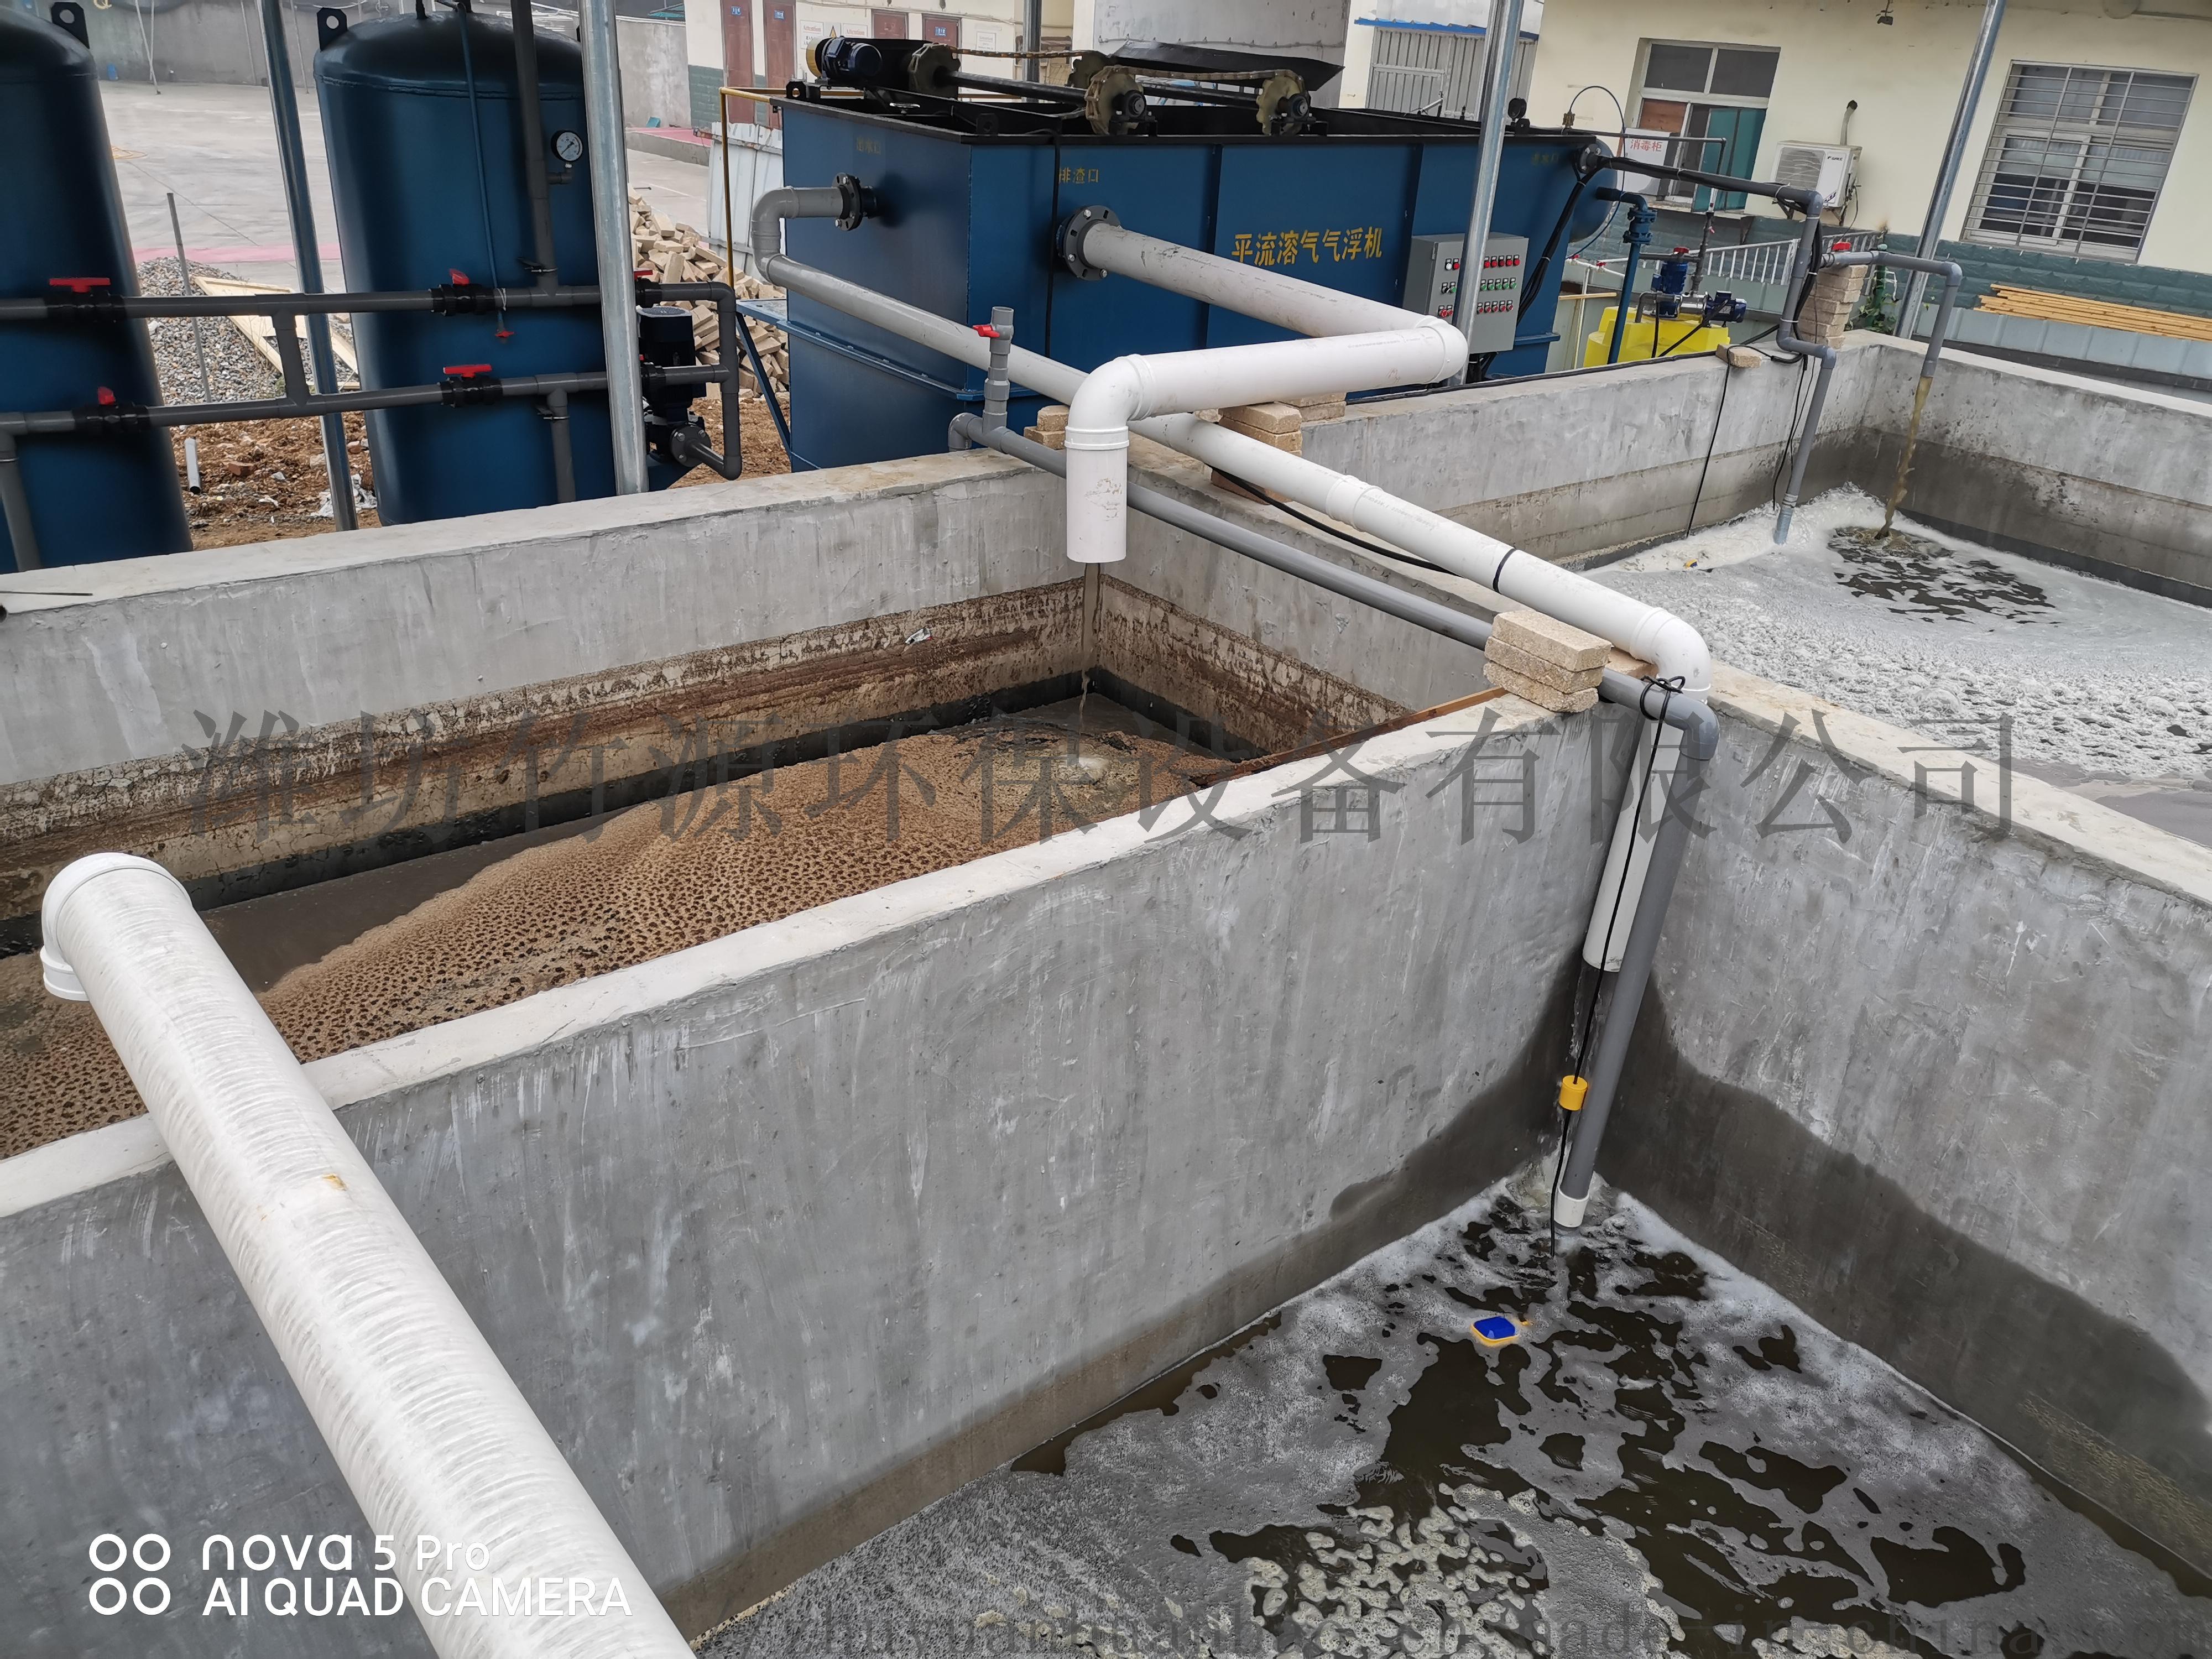 竹源-养猪场废水处理一体化装置效果好118851492